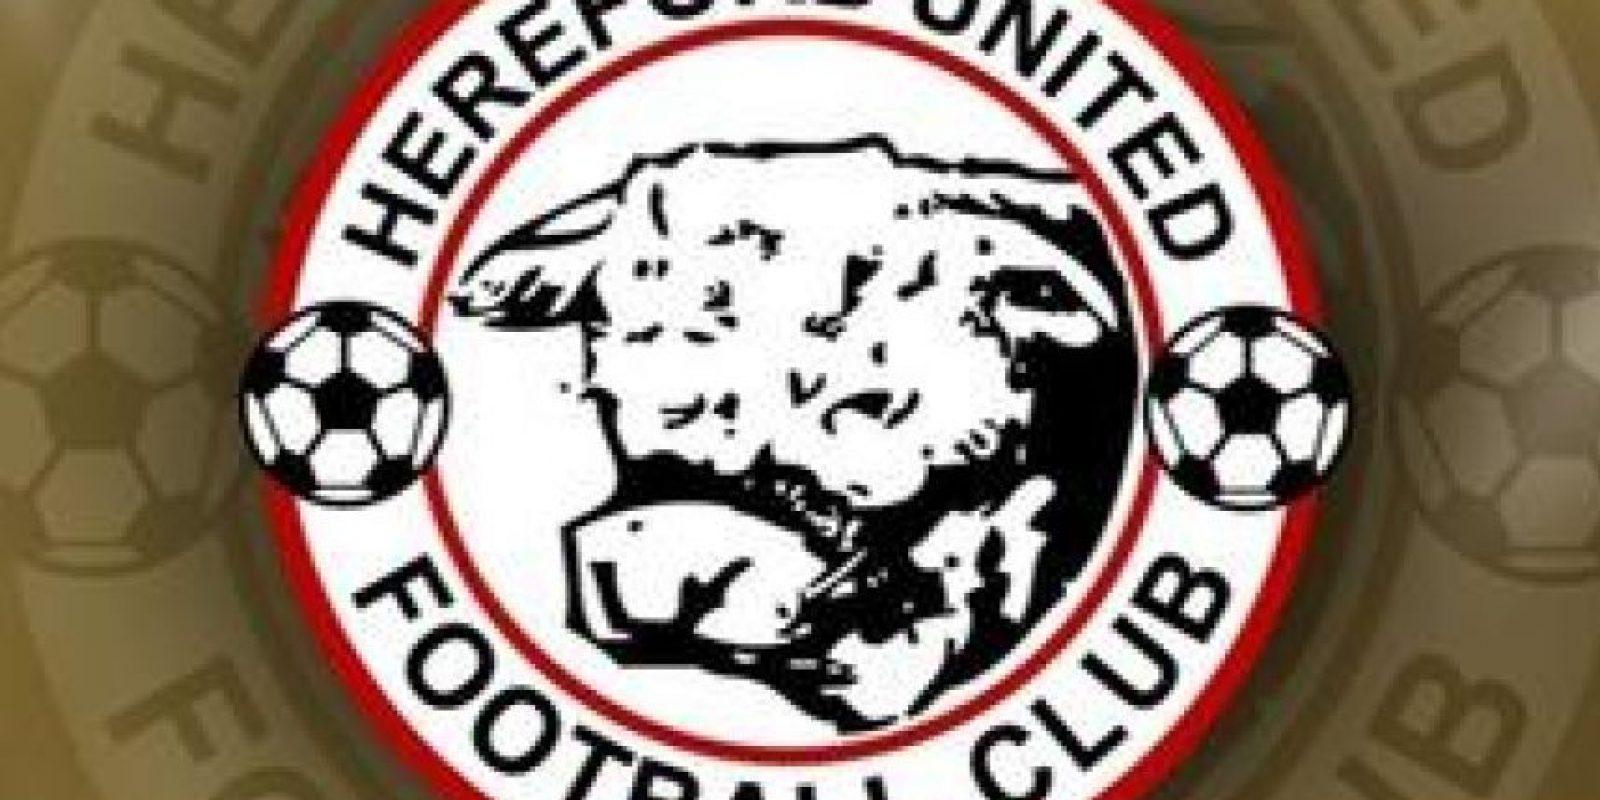 Hereford United (Inglaterra) Foto:Twitter